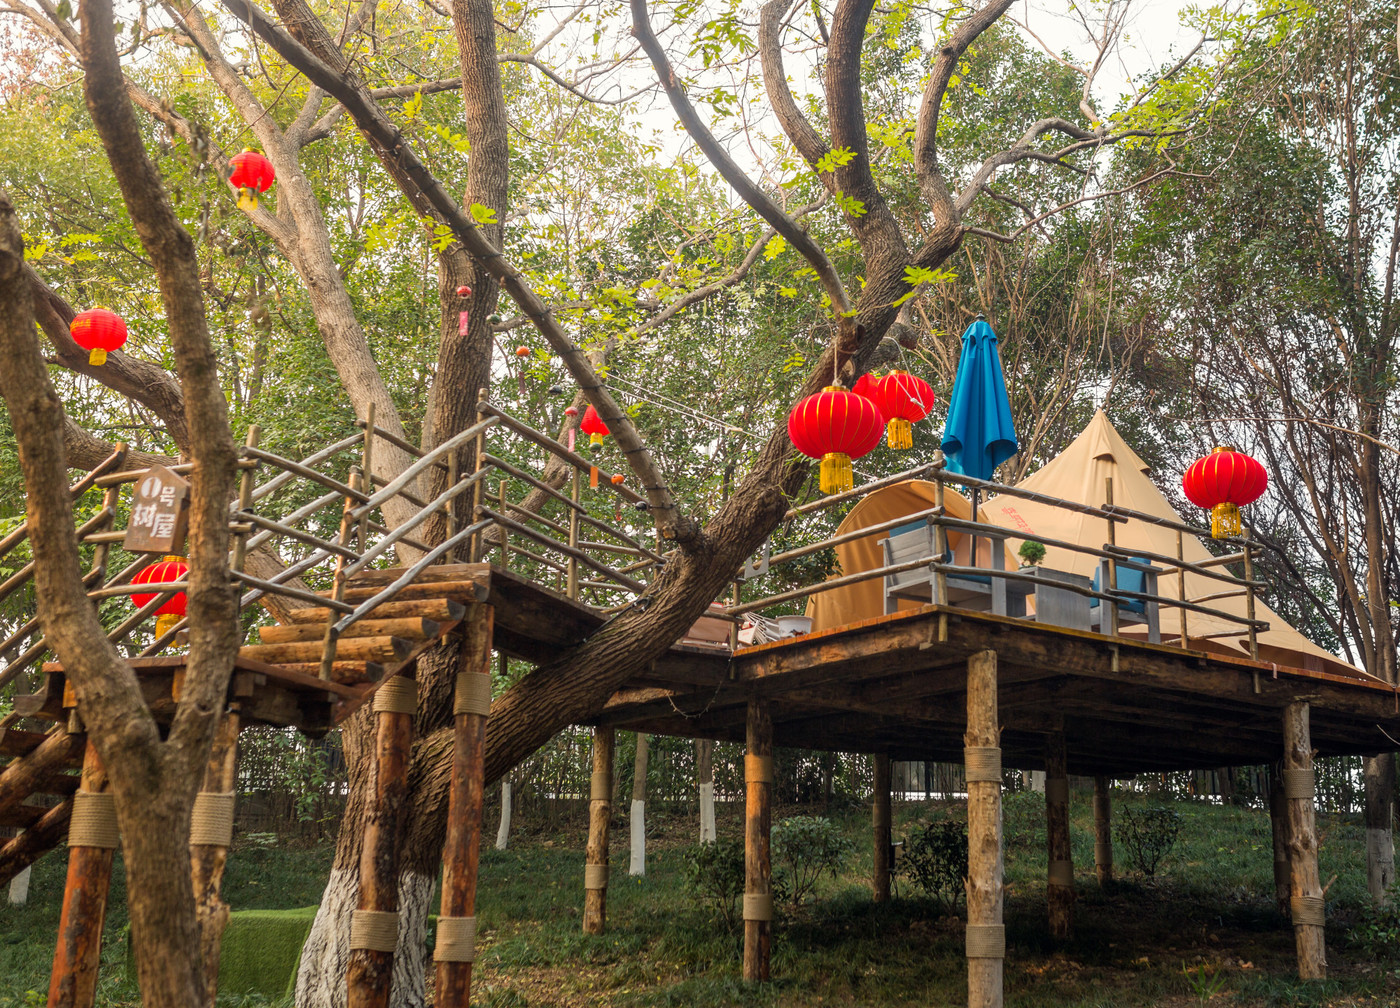 喜马拉雅野奢帐篷酒店—江苏常州天目湖树屋18